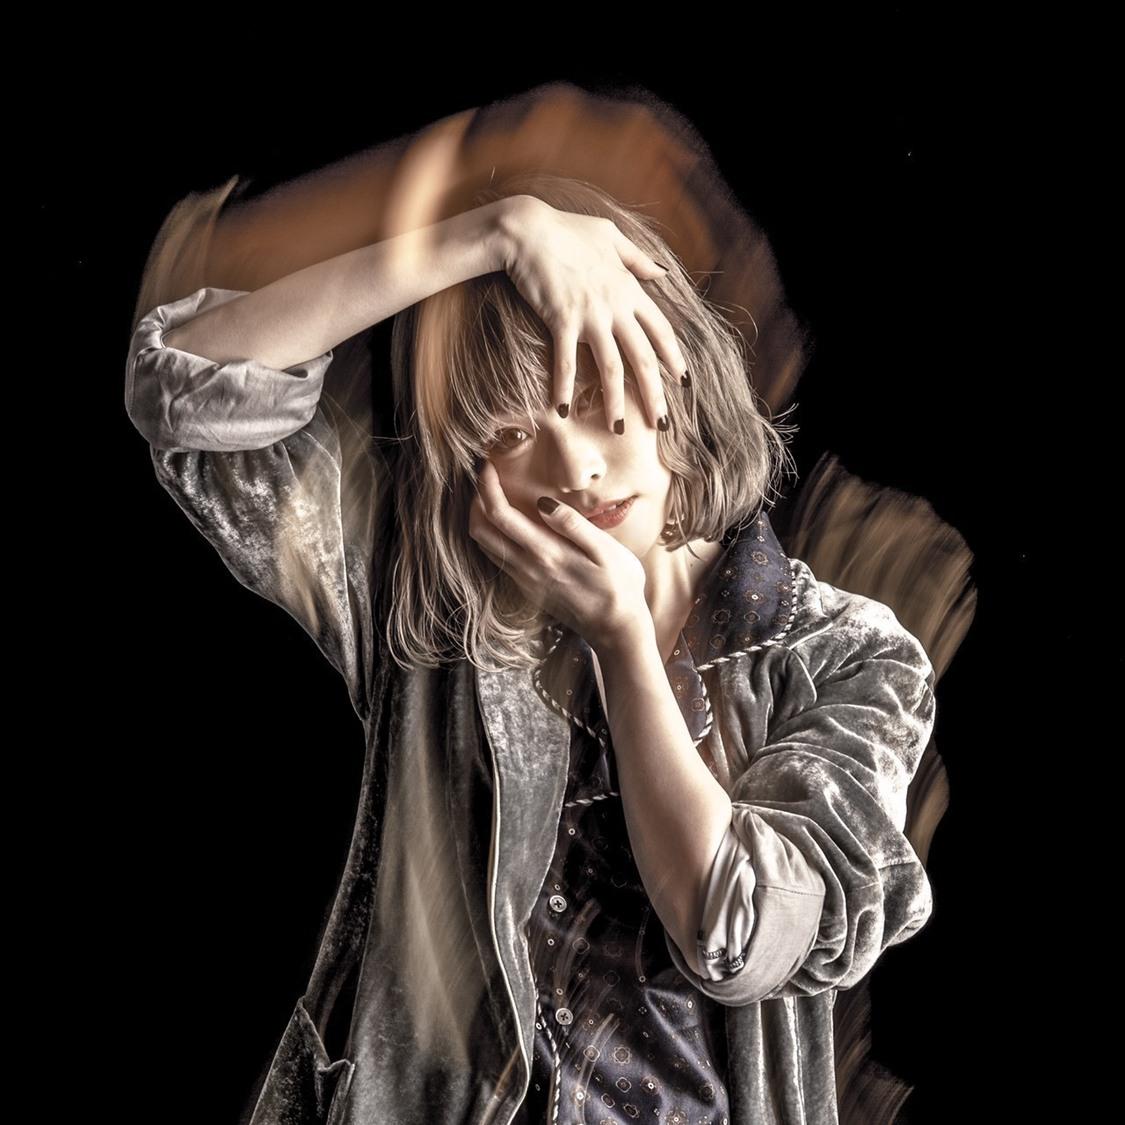 藤川千愛、新曲「バケモノと呼ばれて」がアニメ『無能なナナ』EDテーマに決定!